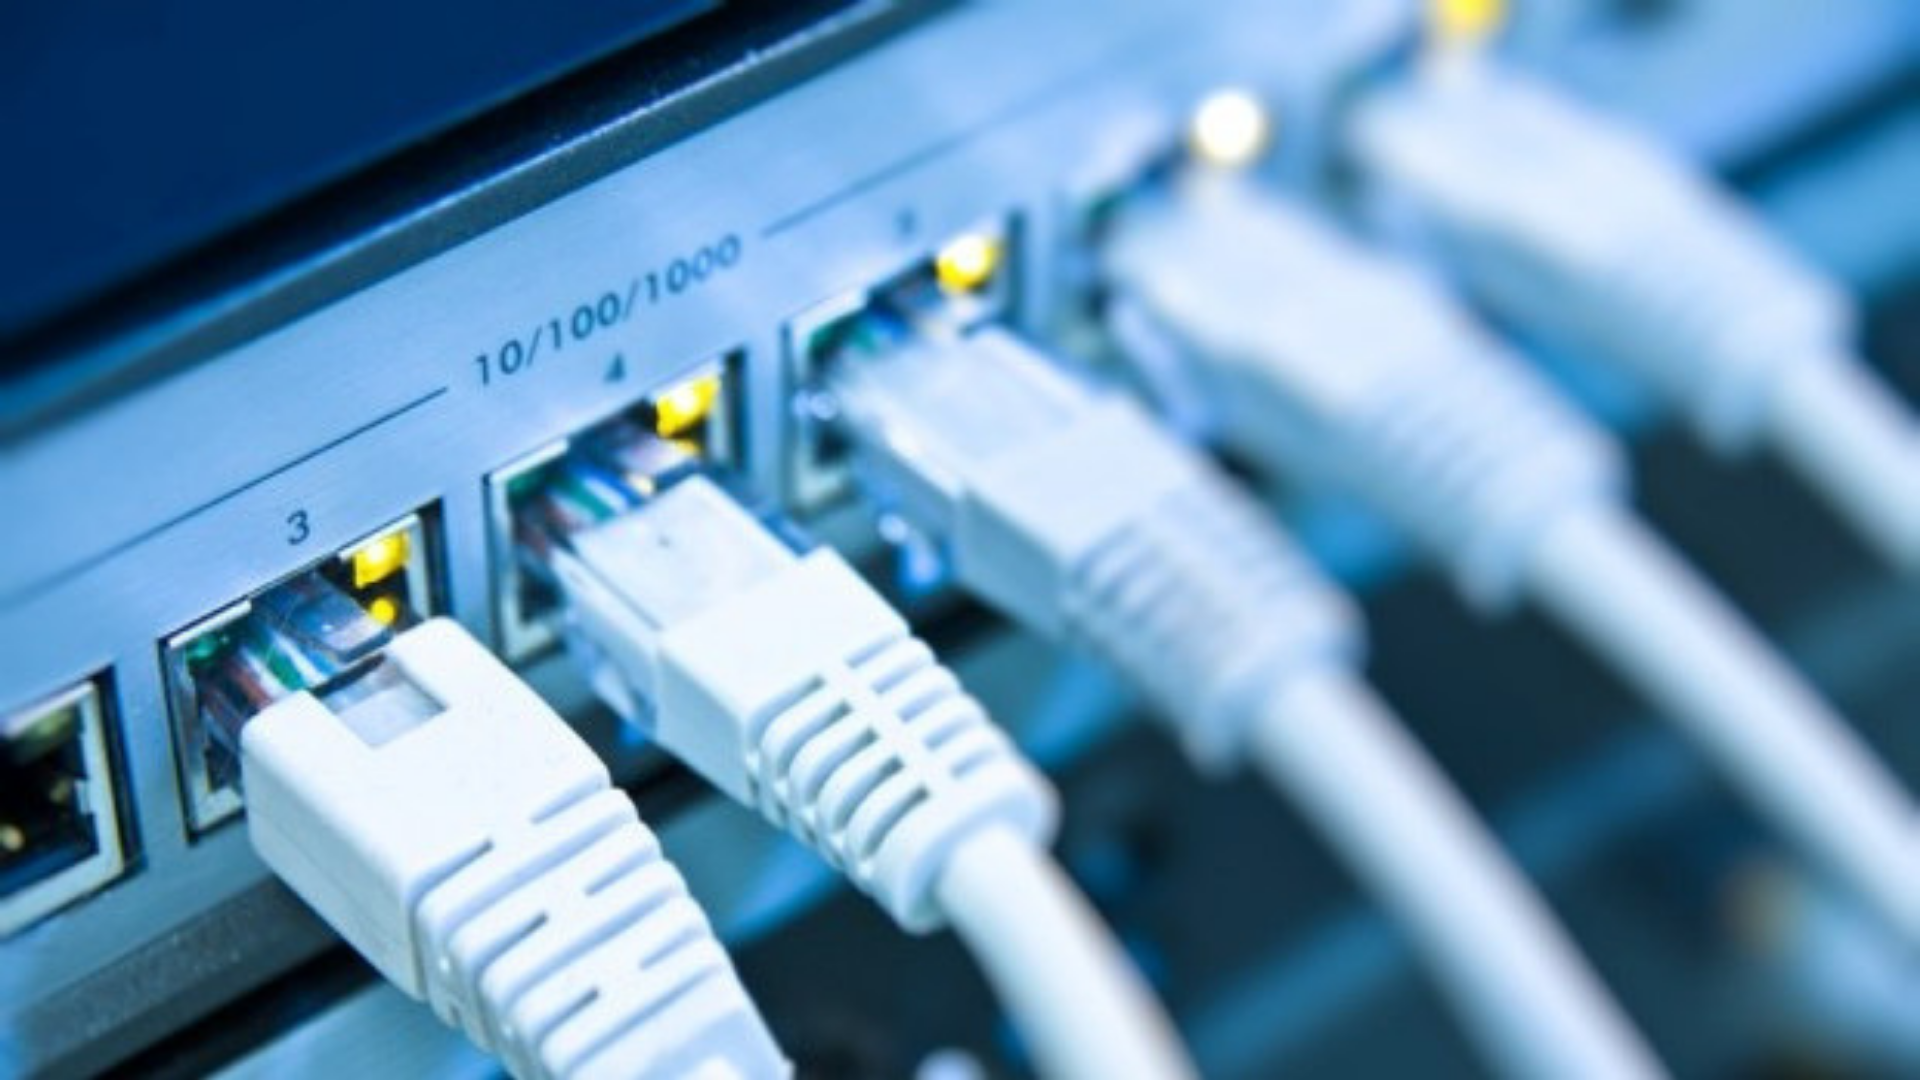 İnternet Bağlantı Sorunları ve Çözümleri